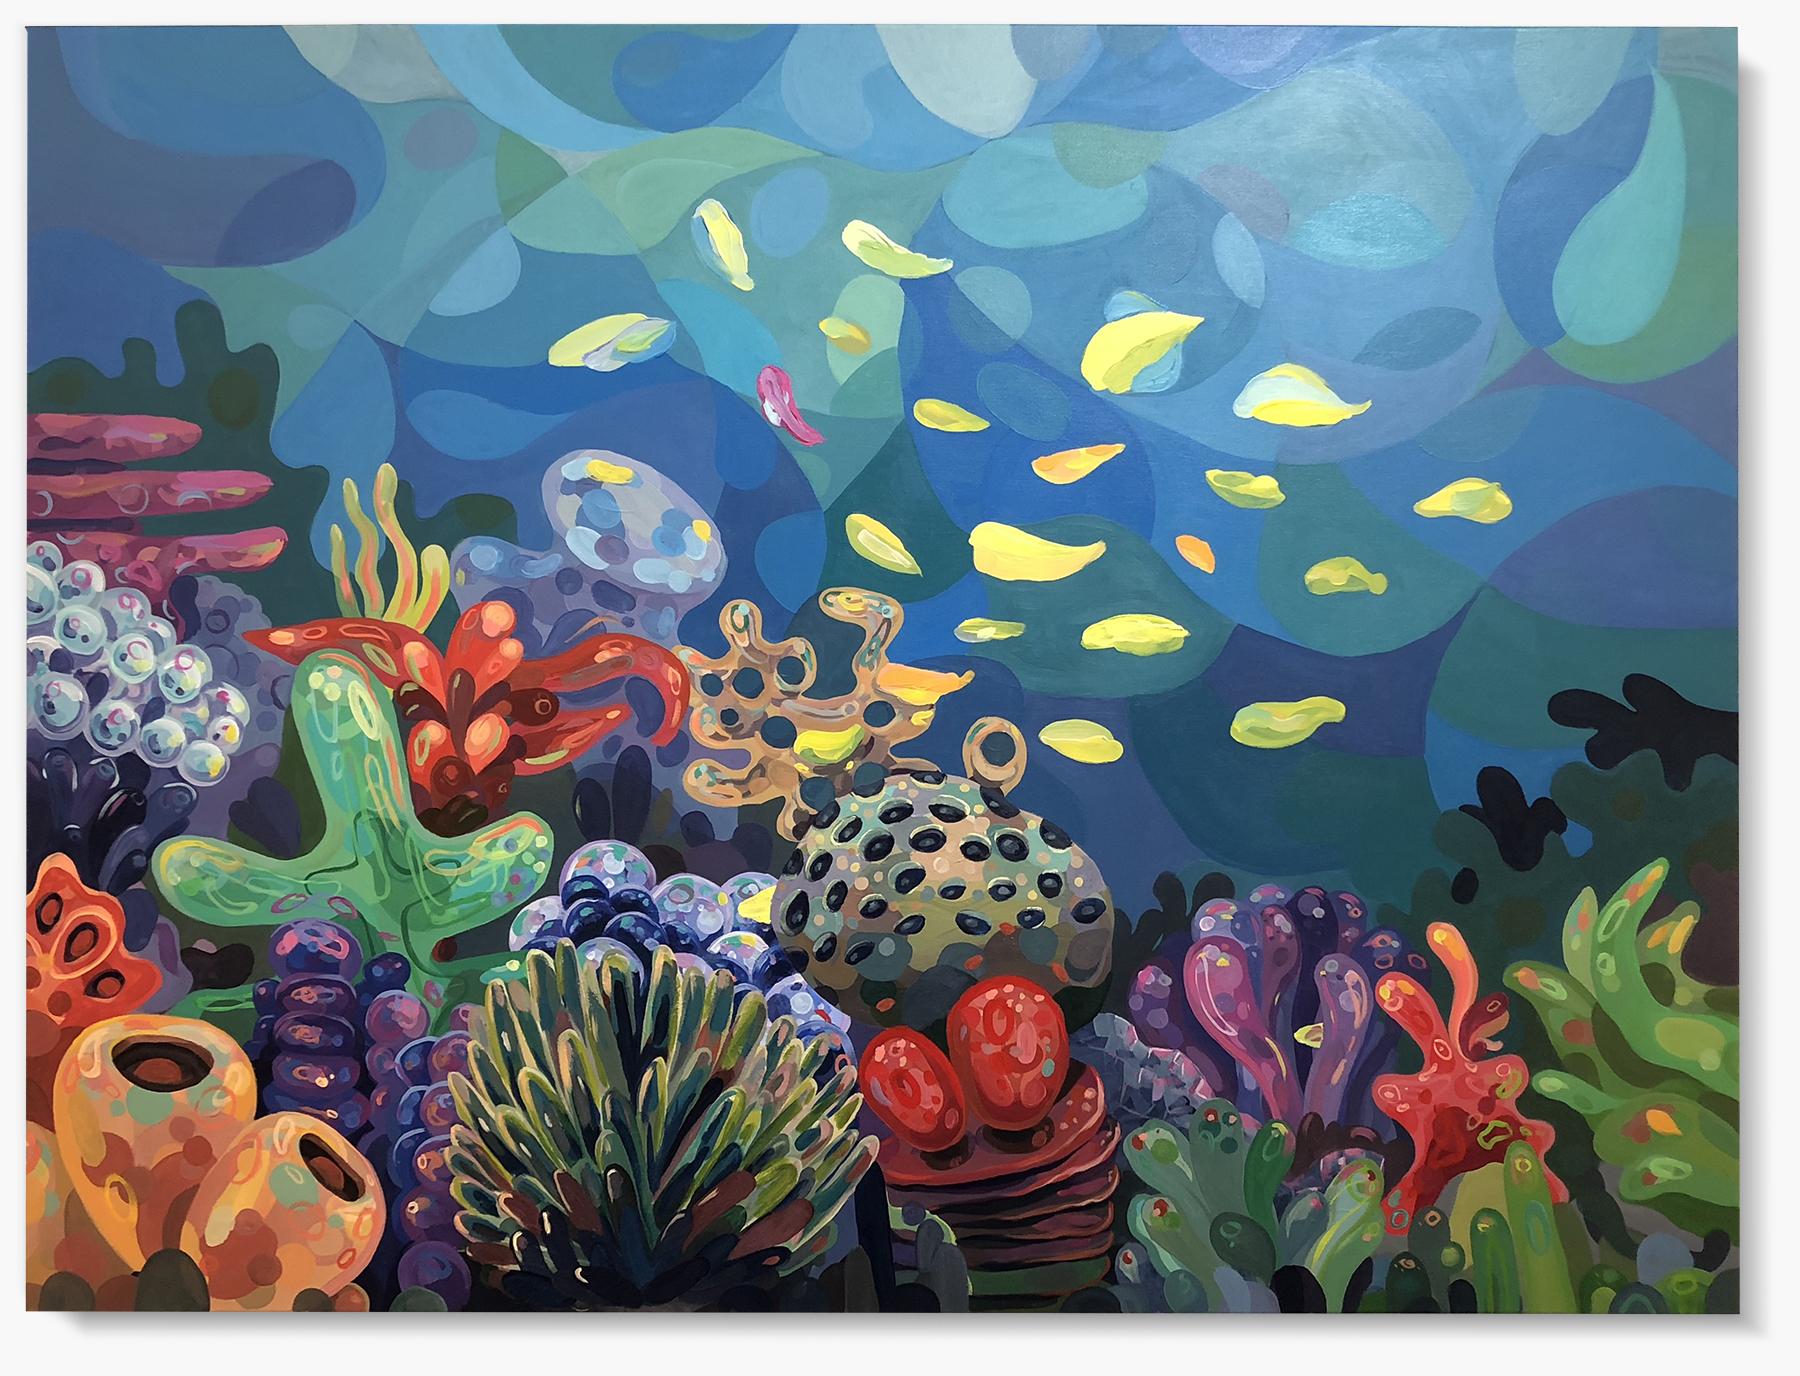 The Aquaria